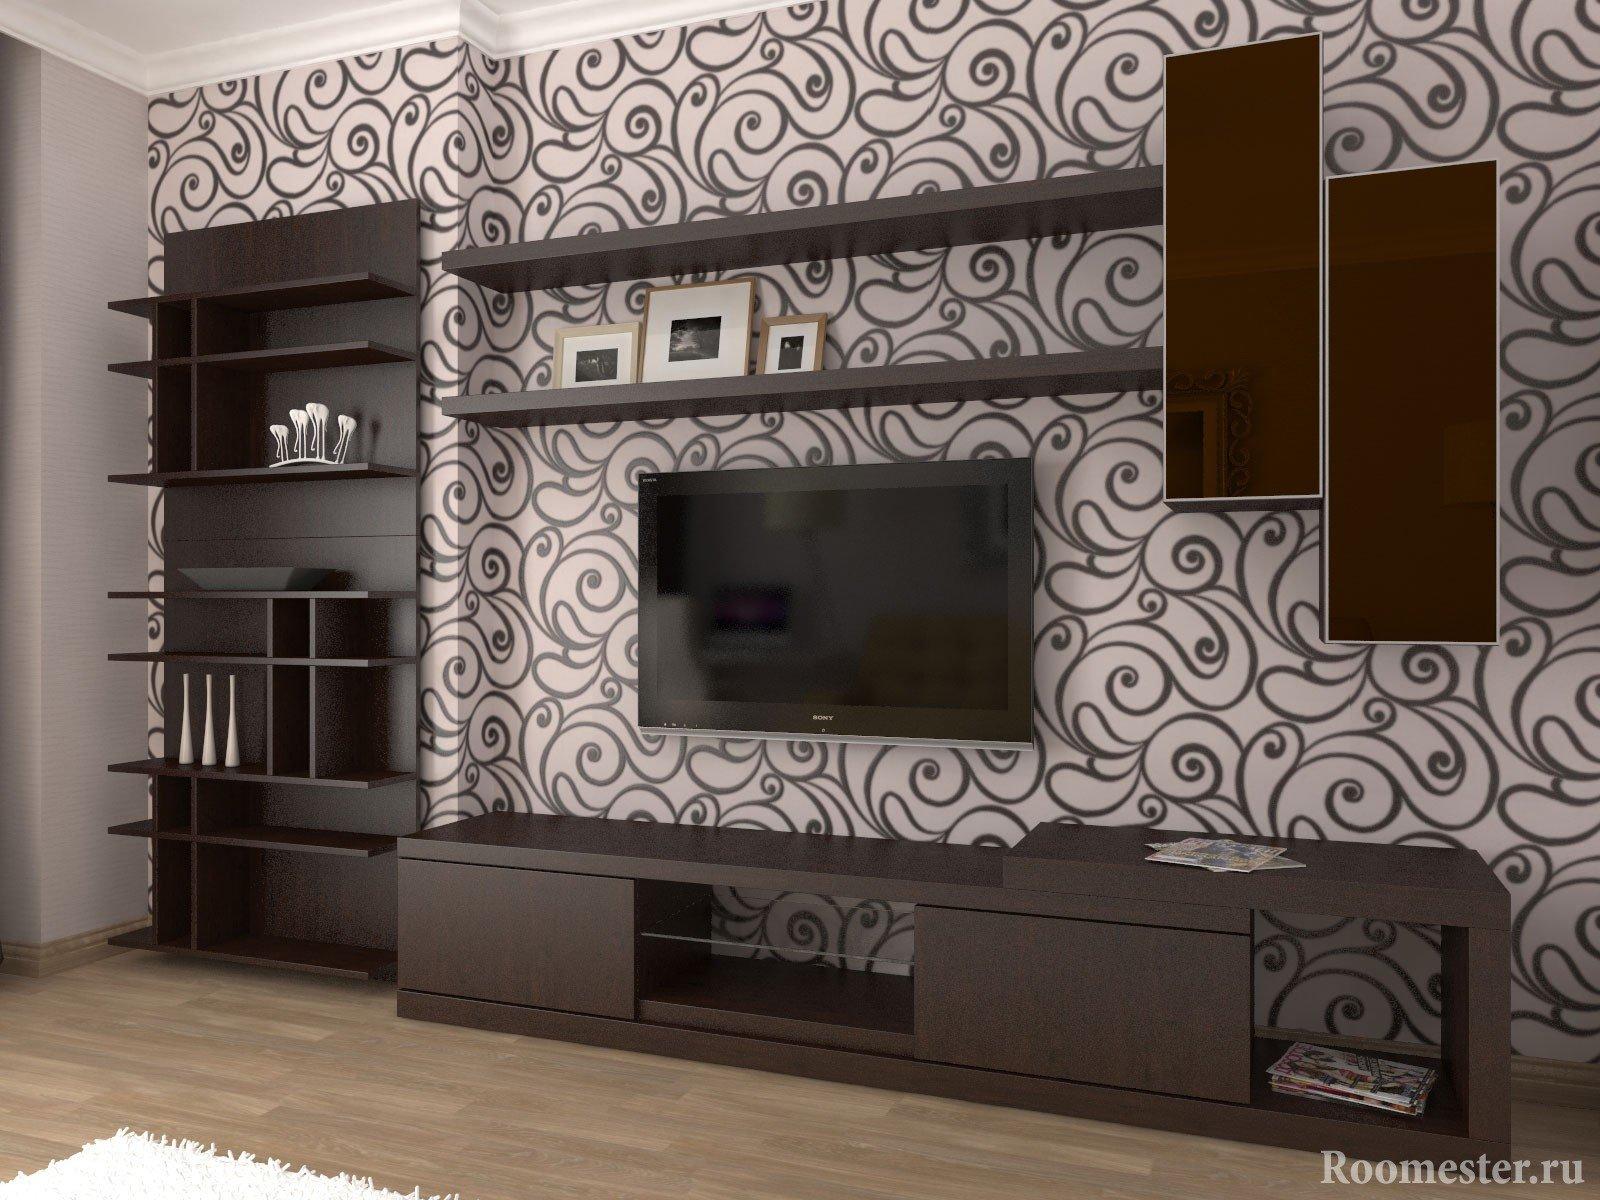 дизайн стенки в зал в квартире фото